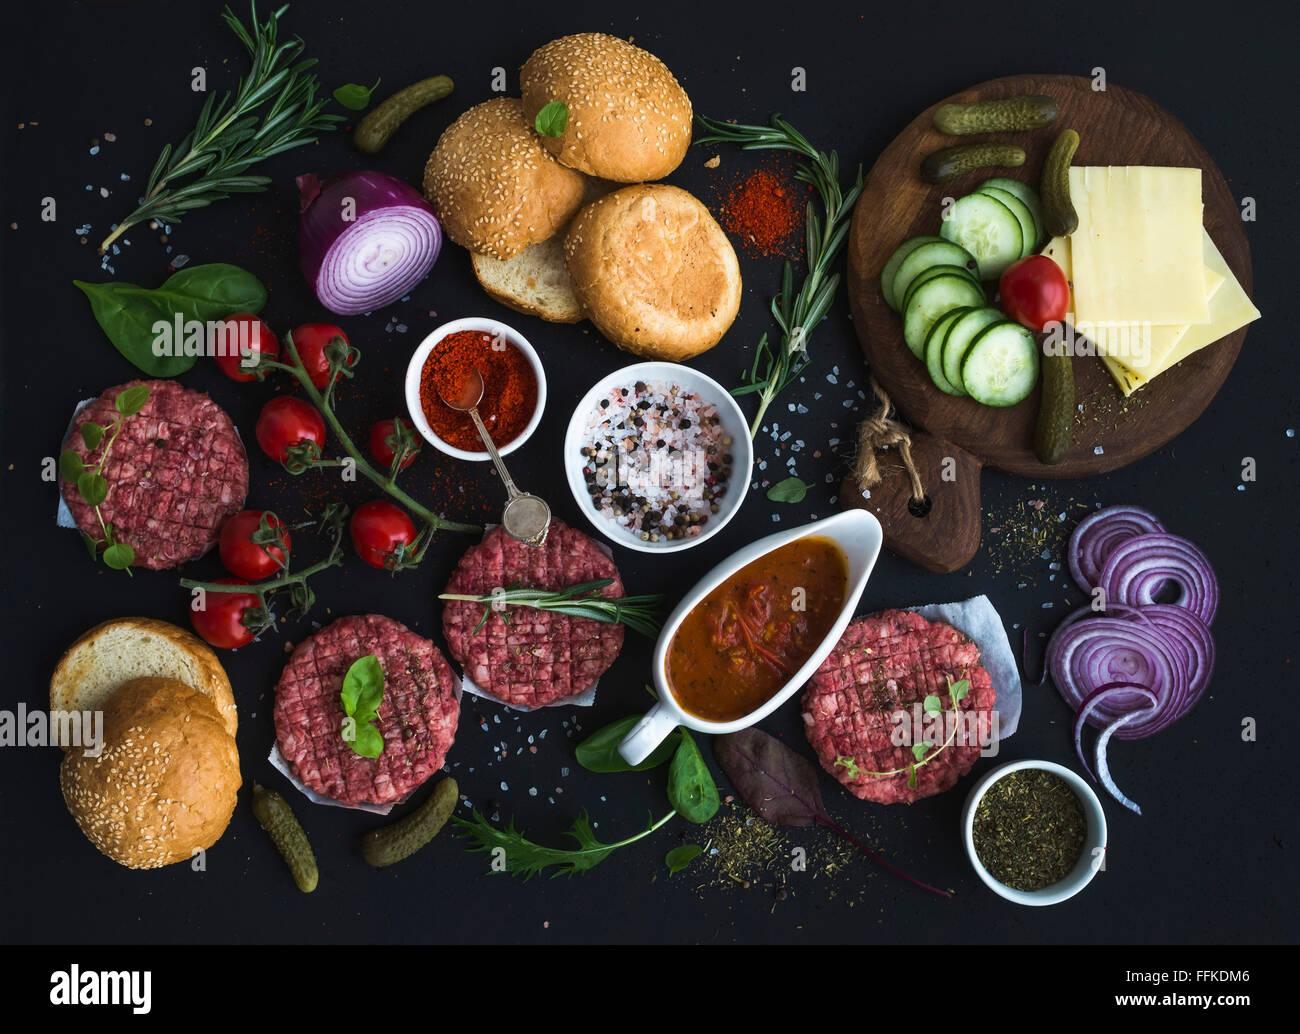 Ingredientes para cocinar hamburguesas. Carne molida cruda las croquetas de carne, bollos, cebolla roja, tomates Imagen De Stock